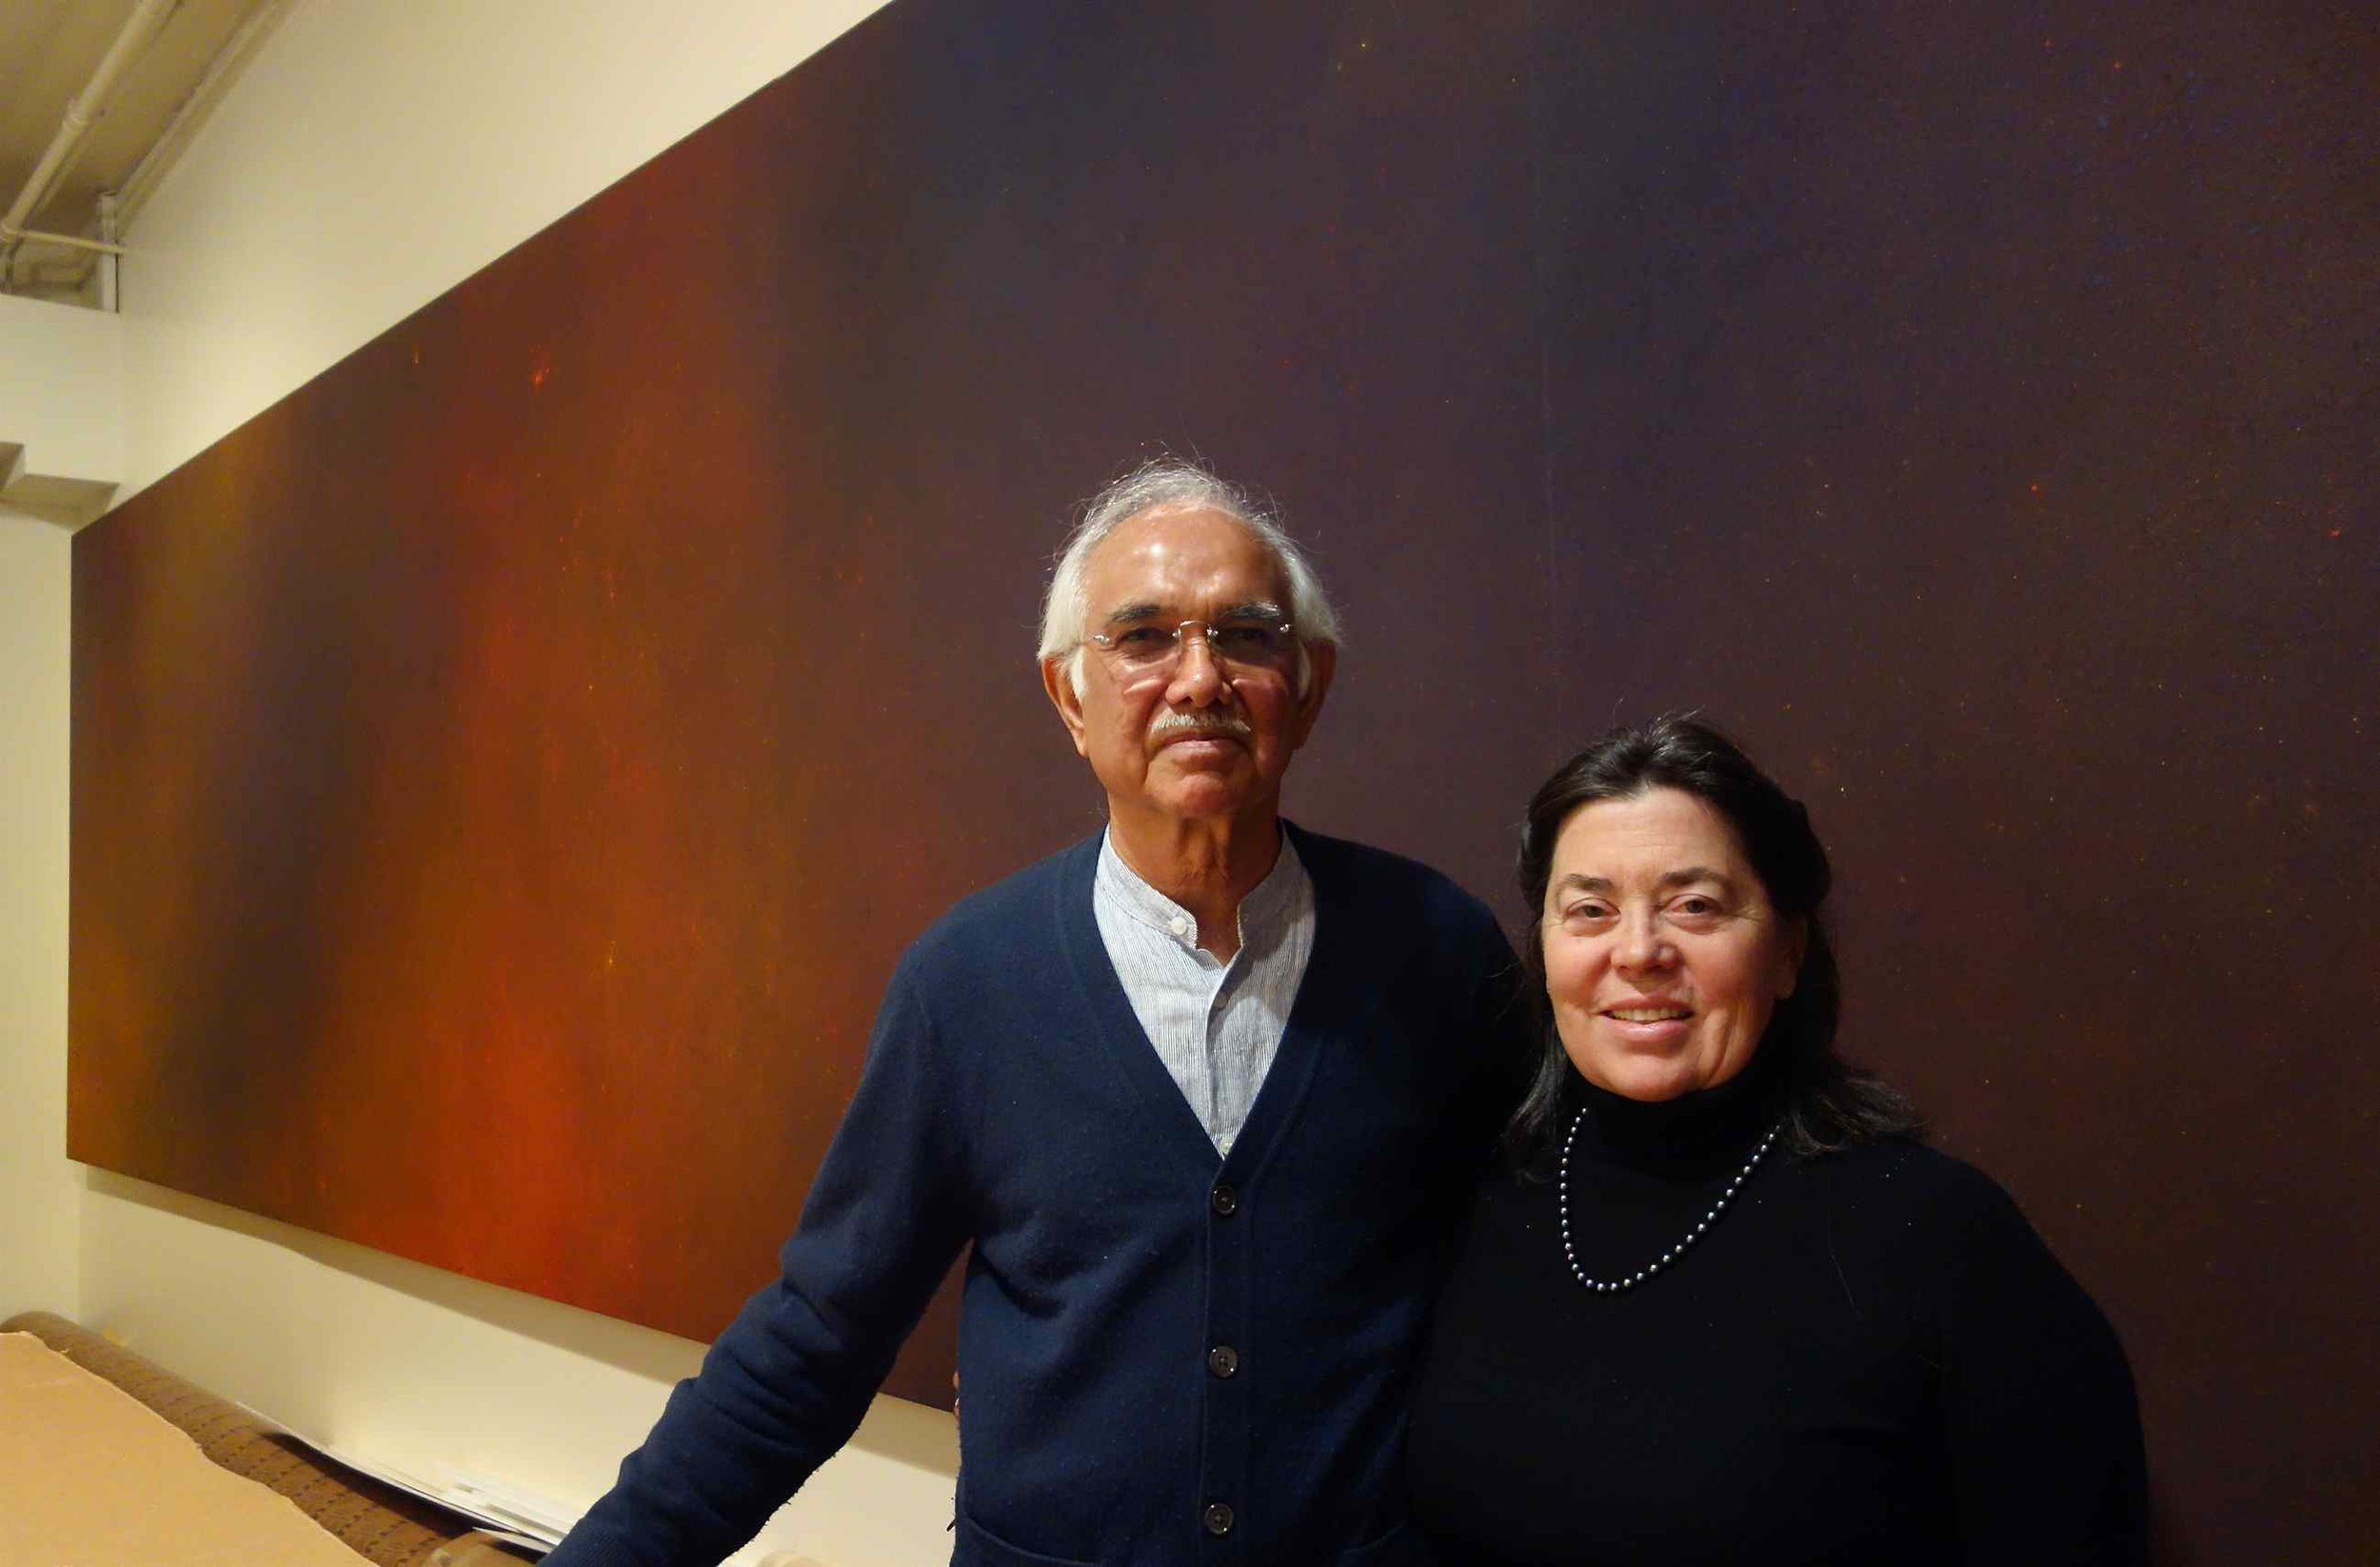 Natvar and Janet Bhavsar